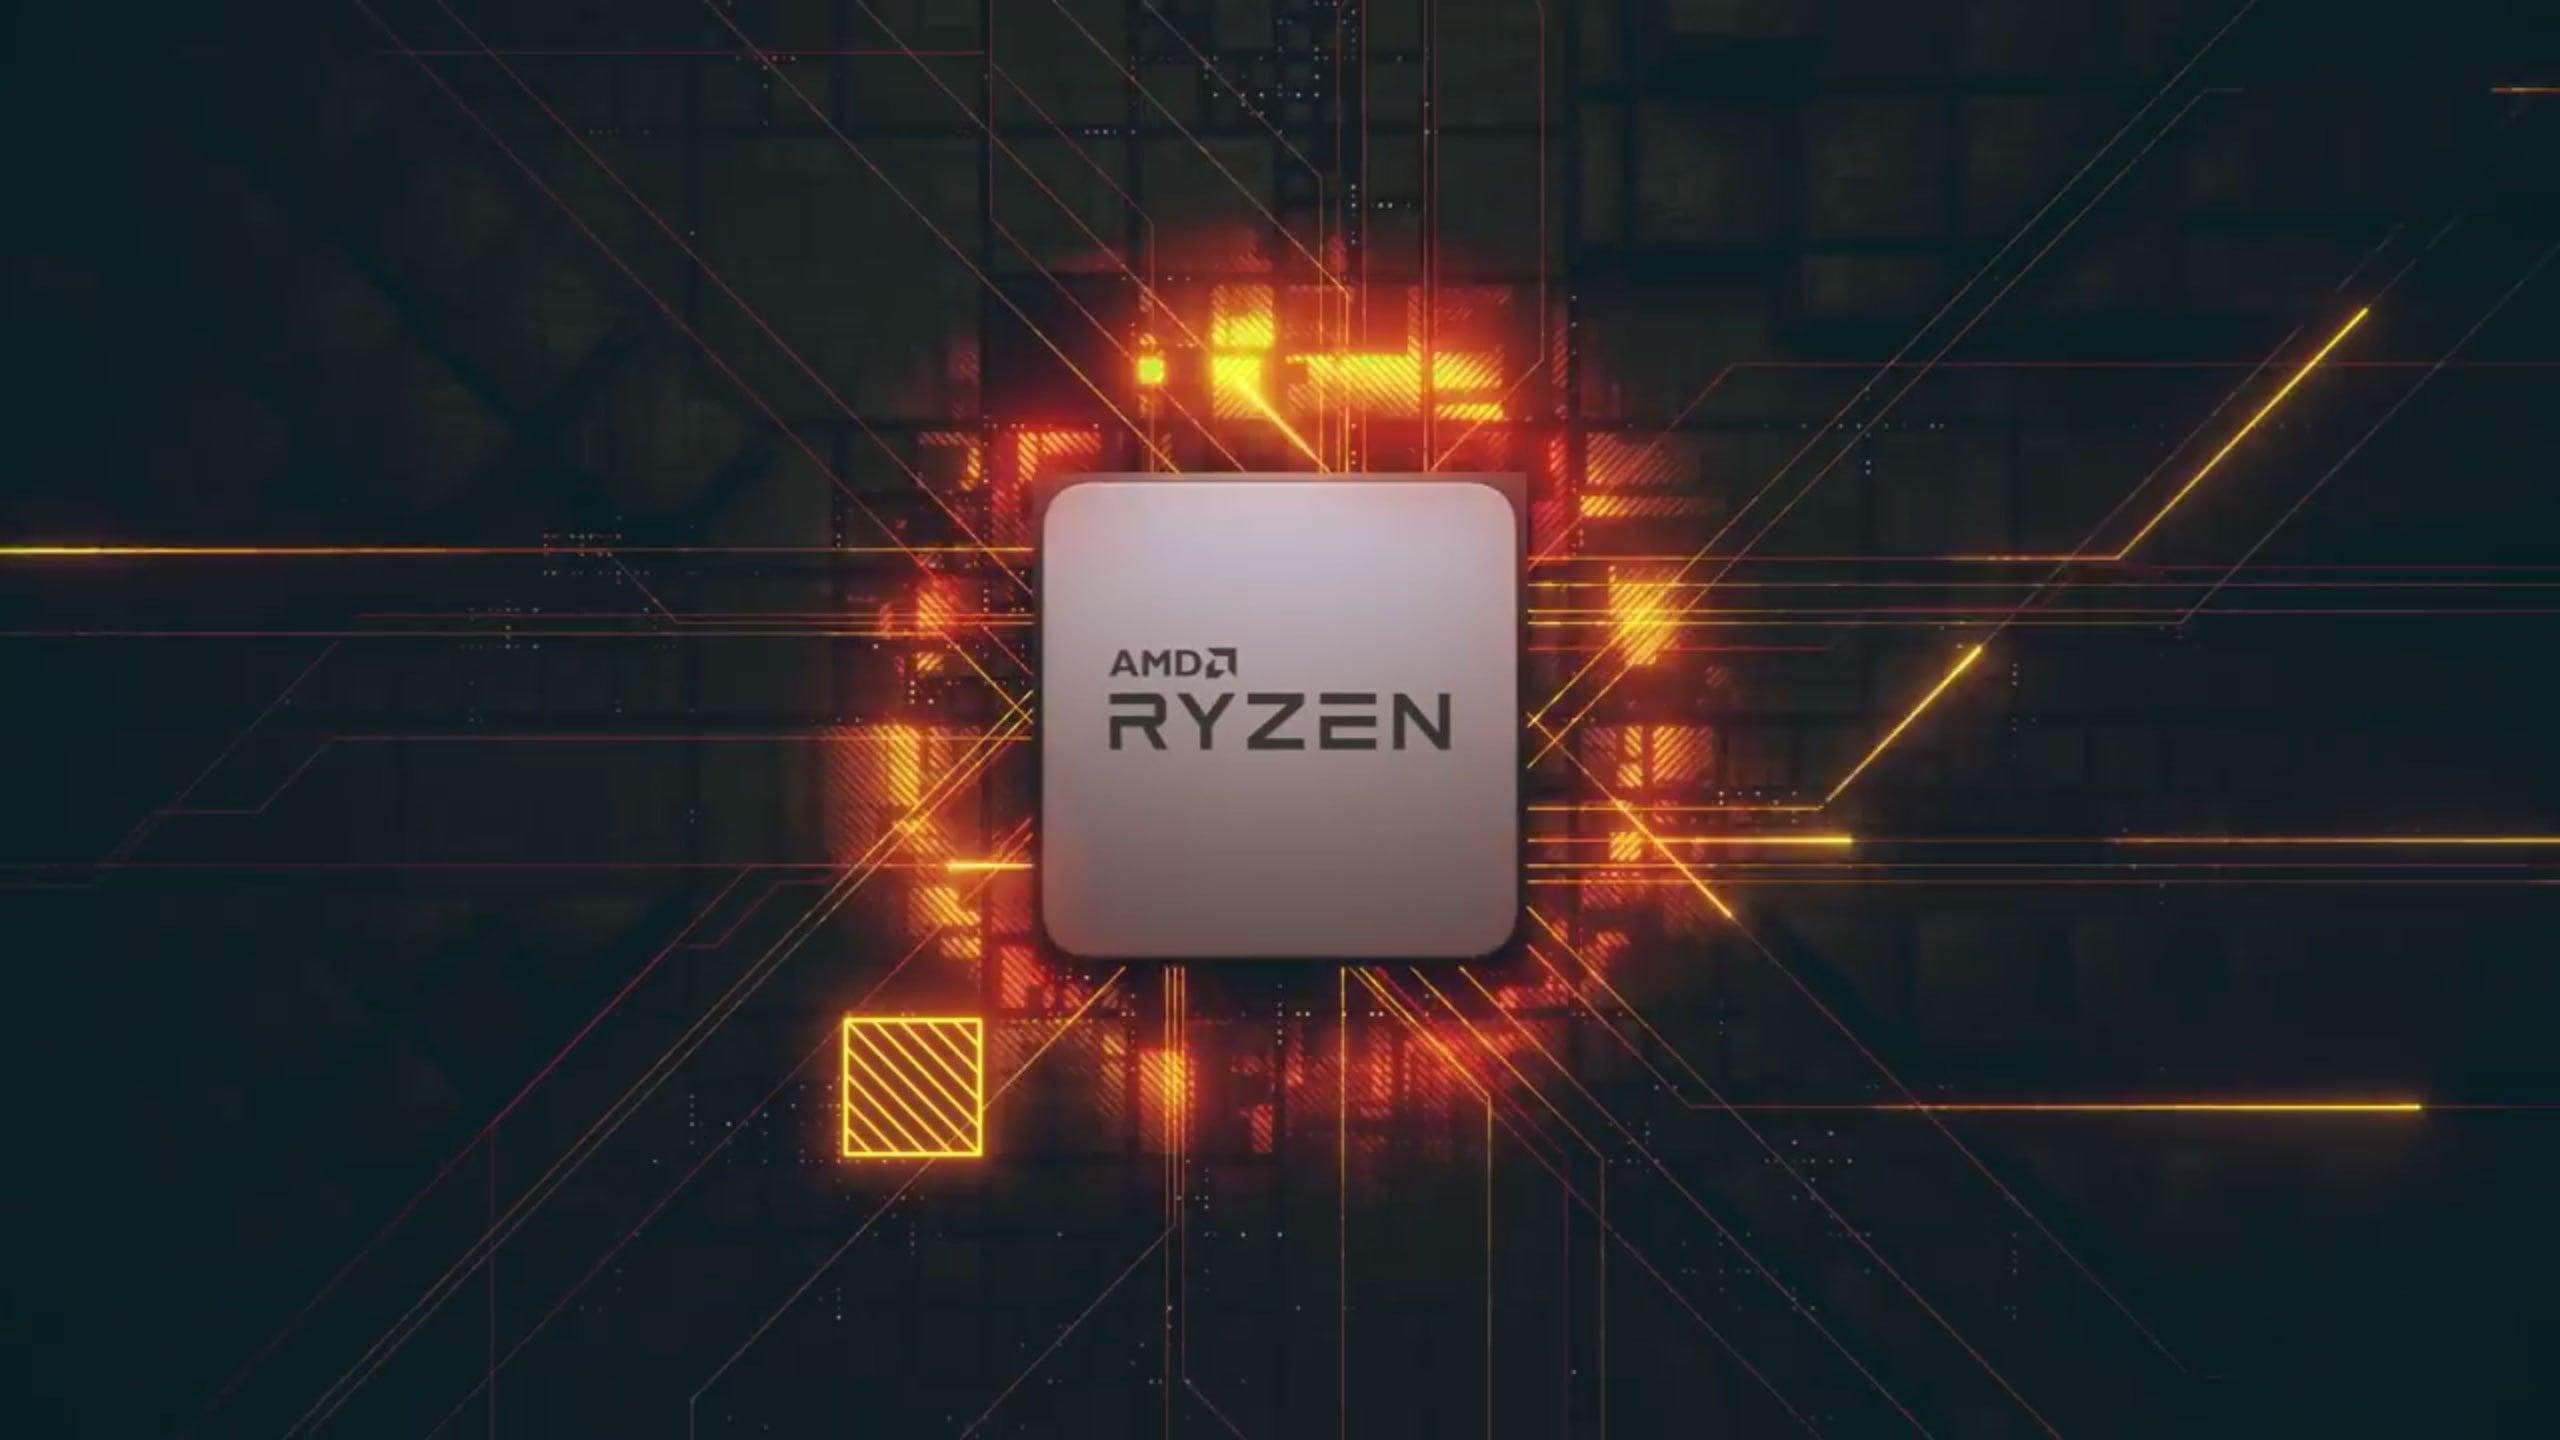 Znamy ceny i modele AMD Ryzen 3000 - jest znakomicie! 18